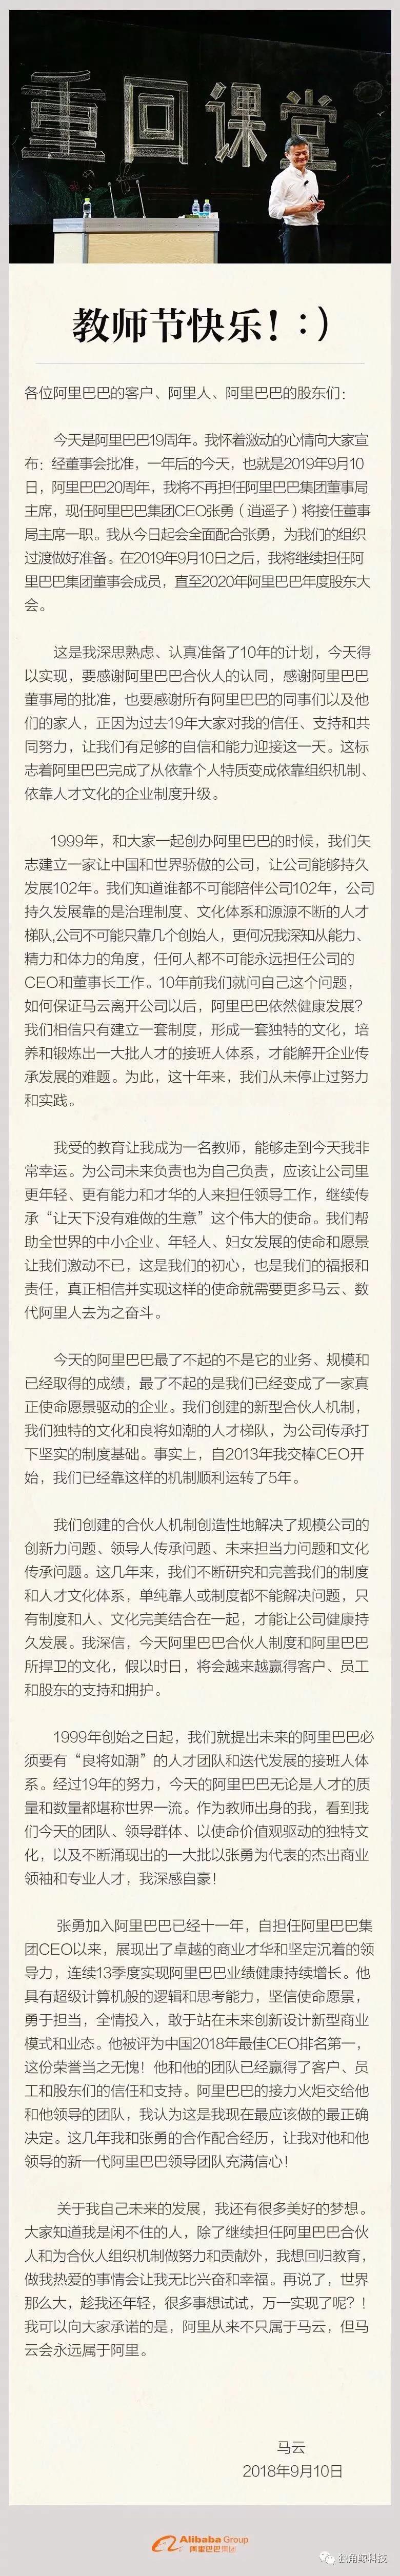 """马云卸任 继任者张勇和合伙人机制是""""退休""""底气吗"""